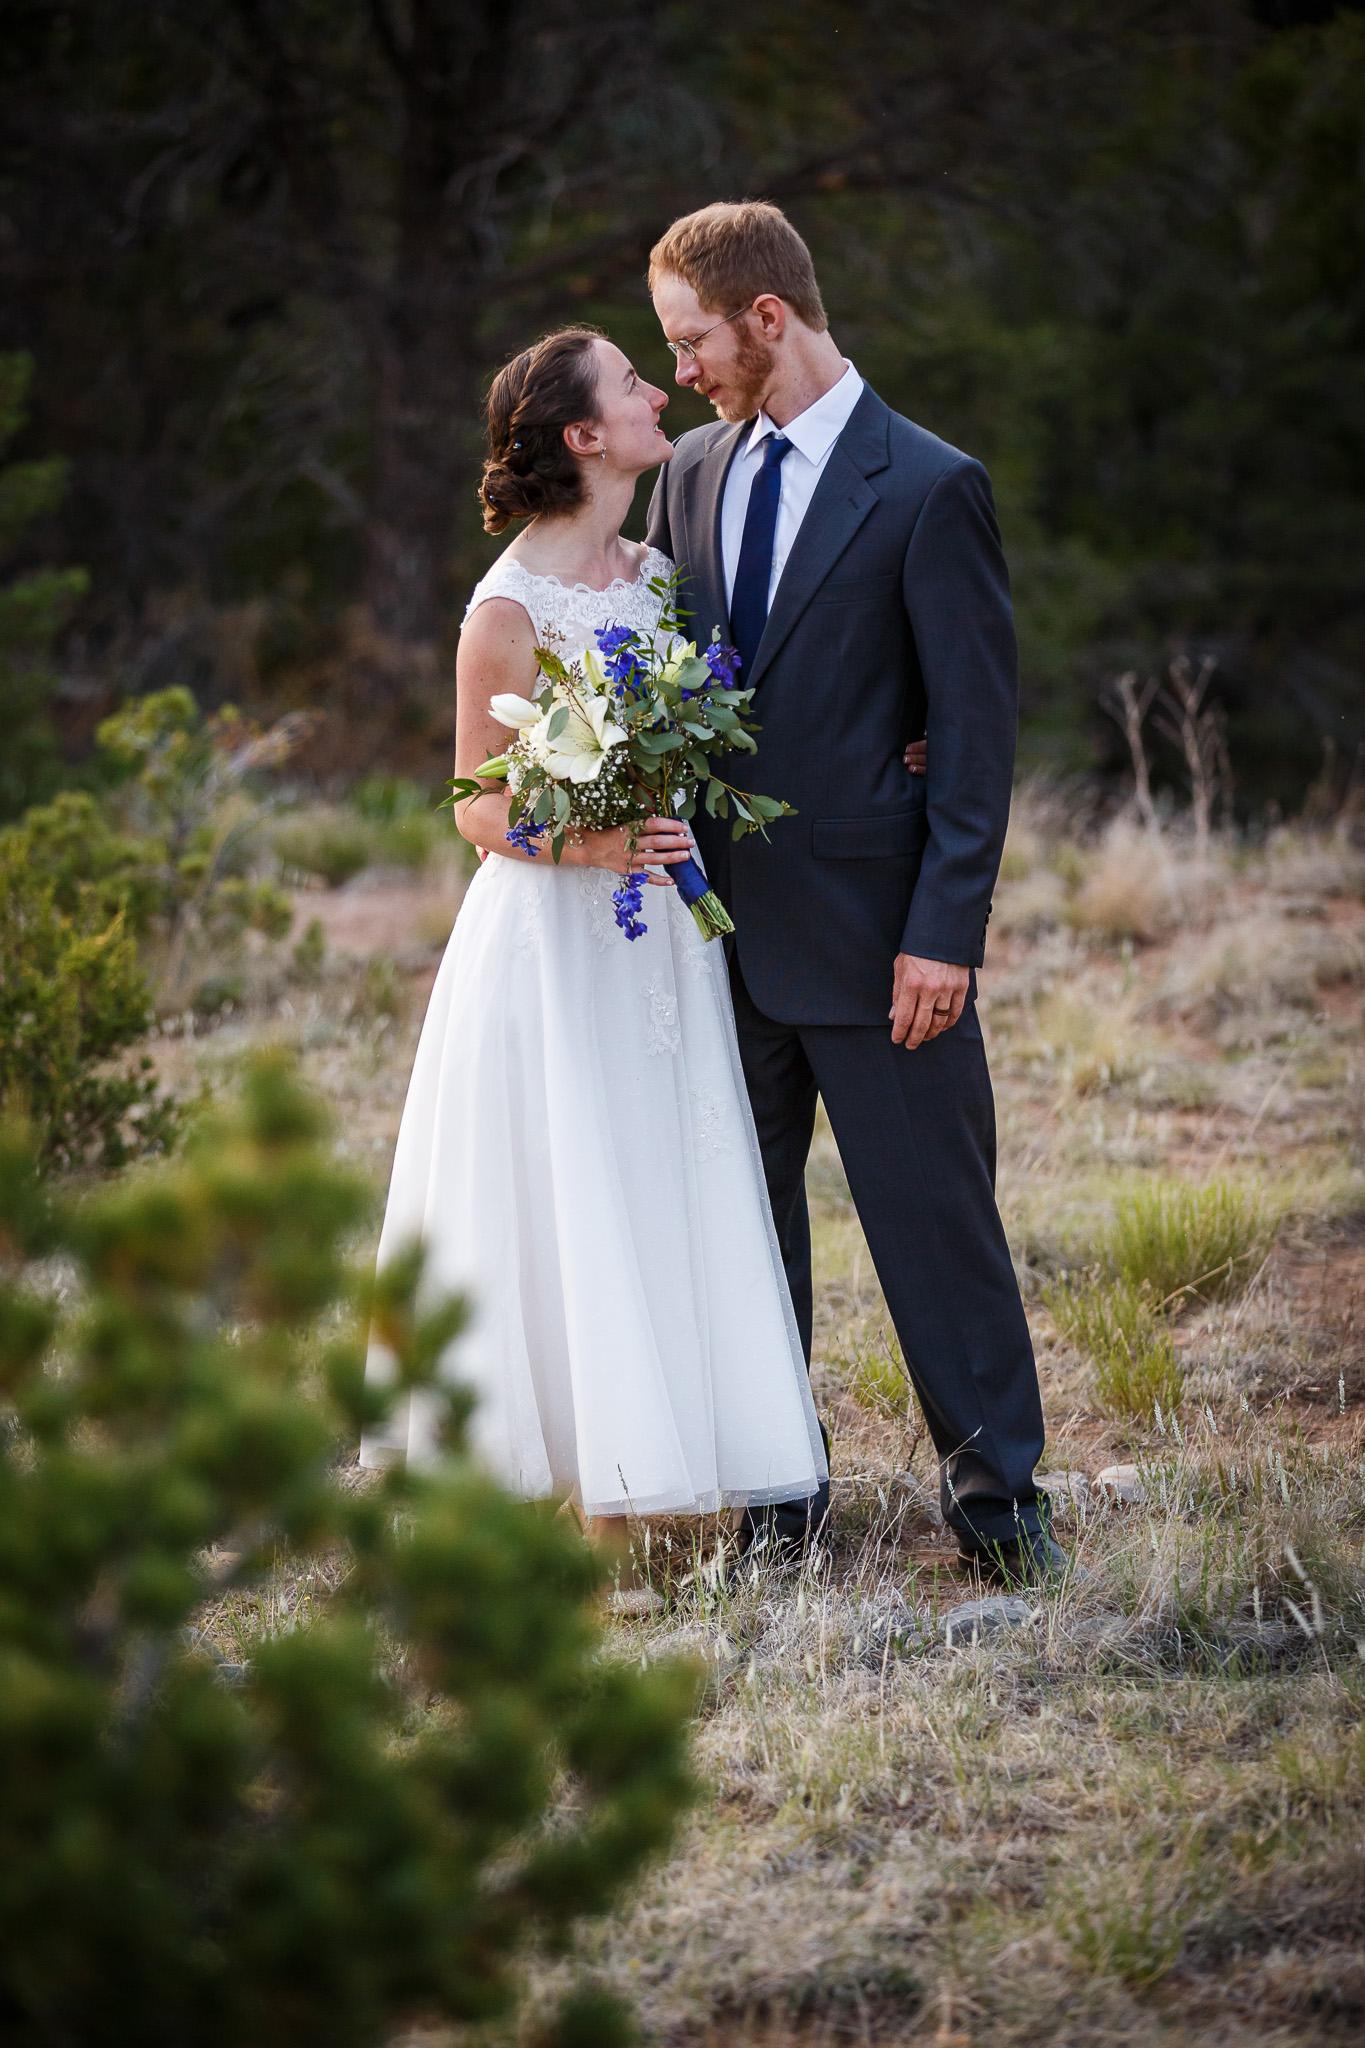 wedding-albuquerque-tijeras-ywca-pinon-canyon-center-0515.jpg